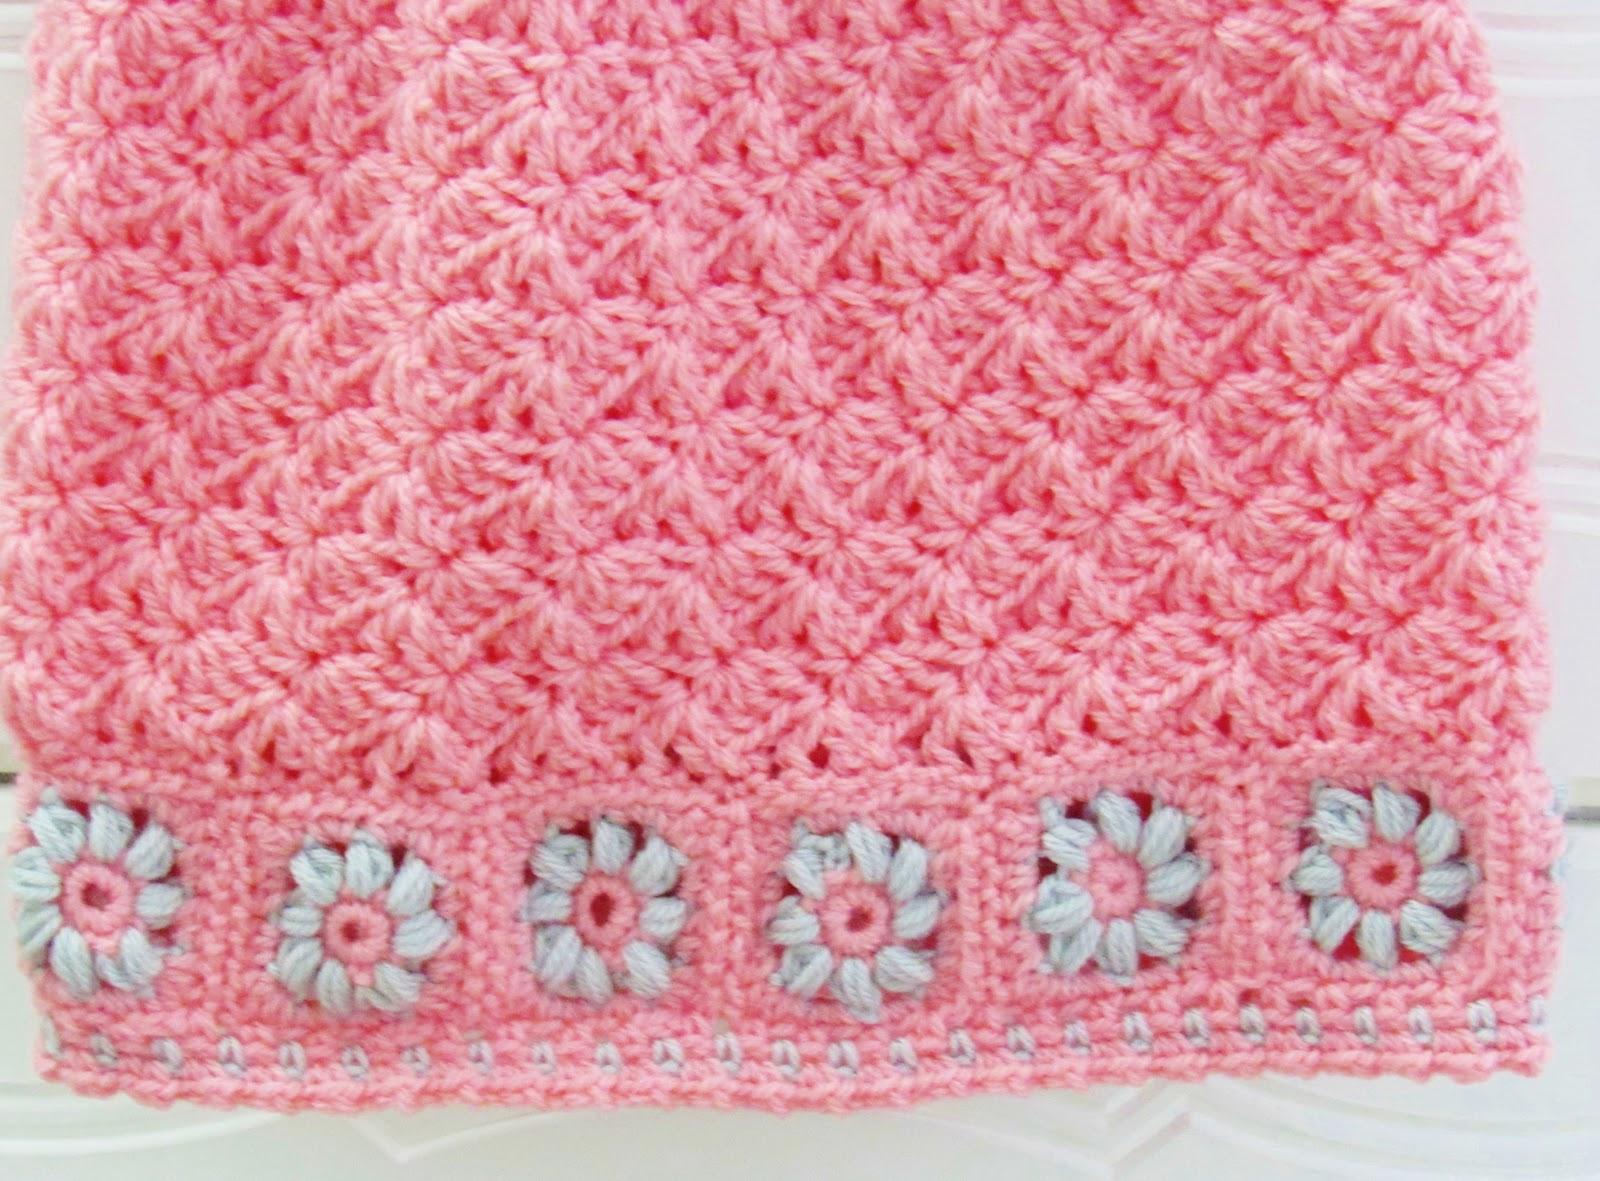 Floral Baby Dress Crochet Pattern - Crochet Dreamz